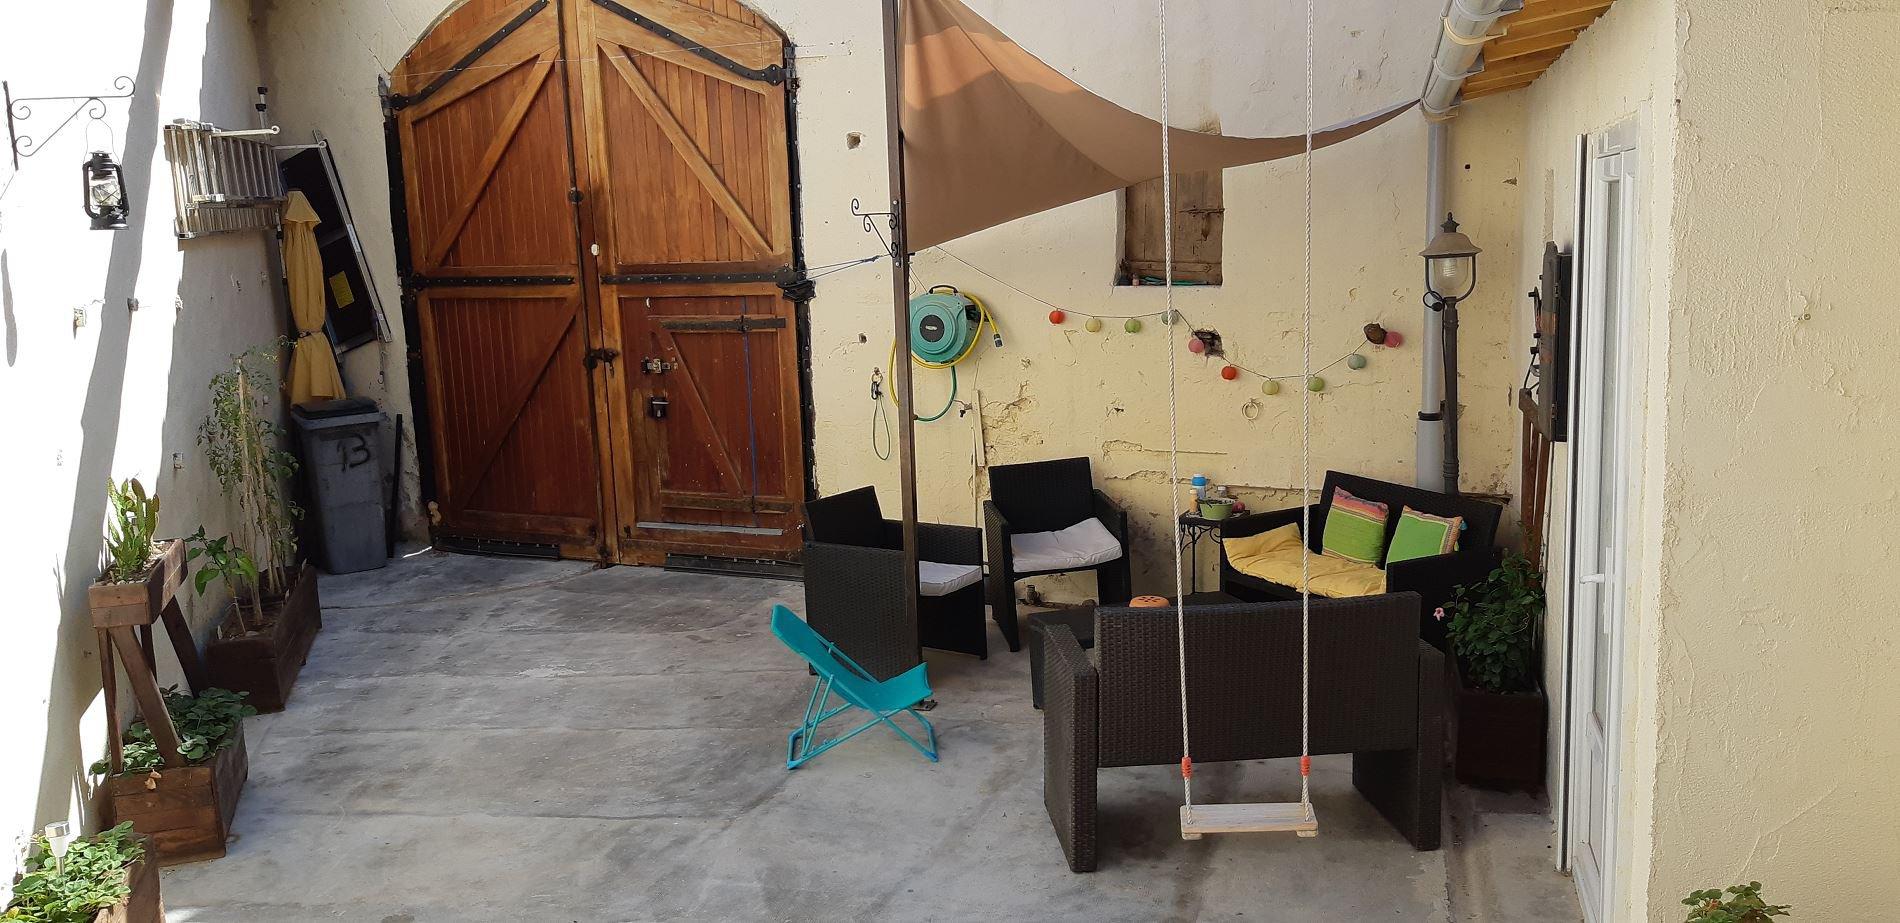 Fint vinbondehus med stort garage och innergård